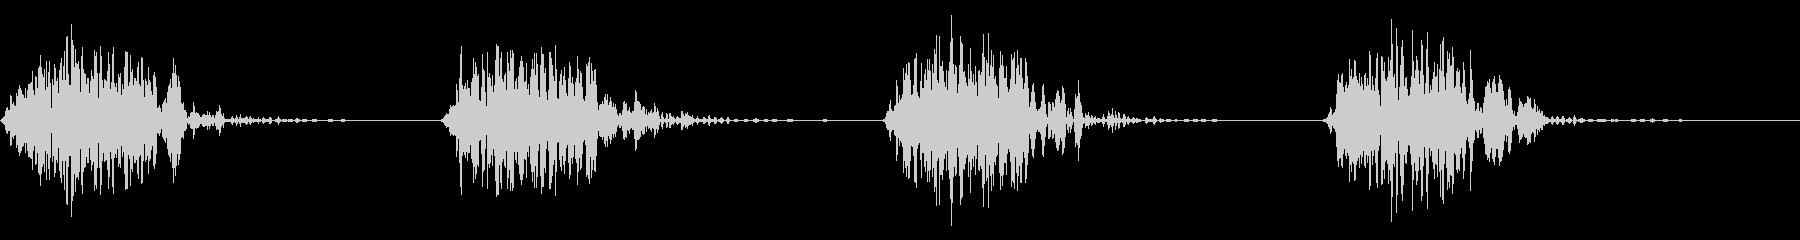 ガブガブ(かじる/噛む/食べる)の未再生の波形